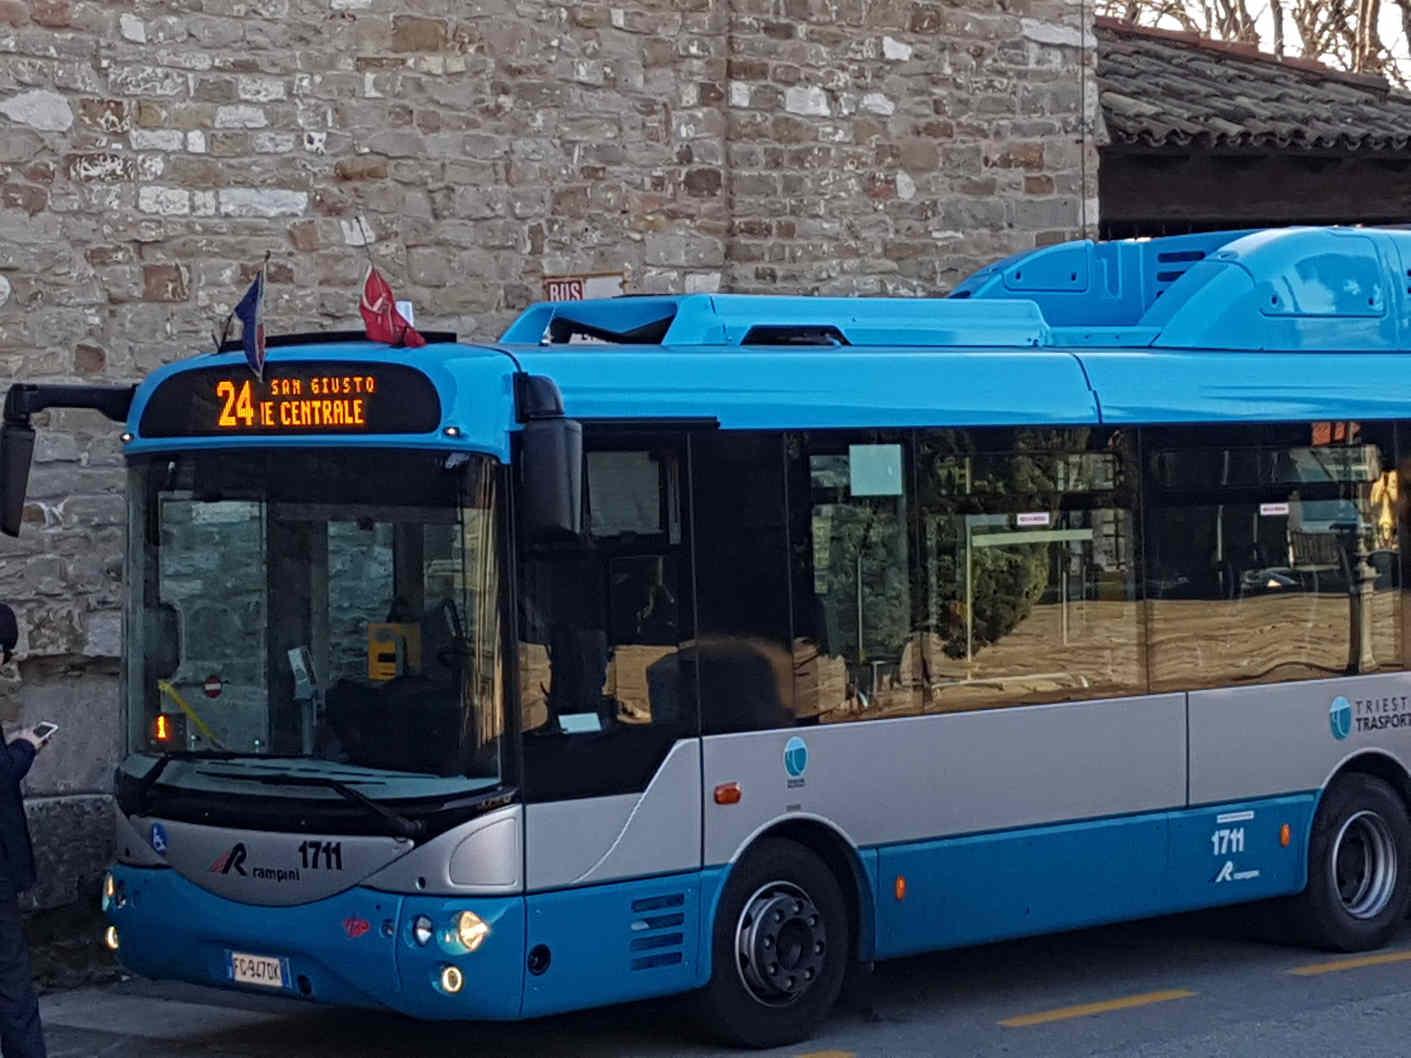 autobus 8 trieste orario - photo#21